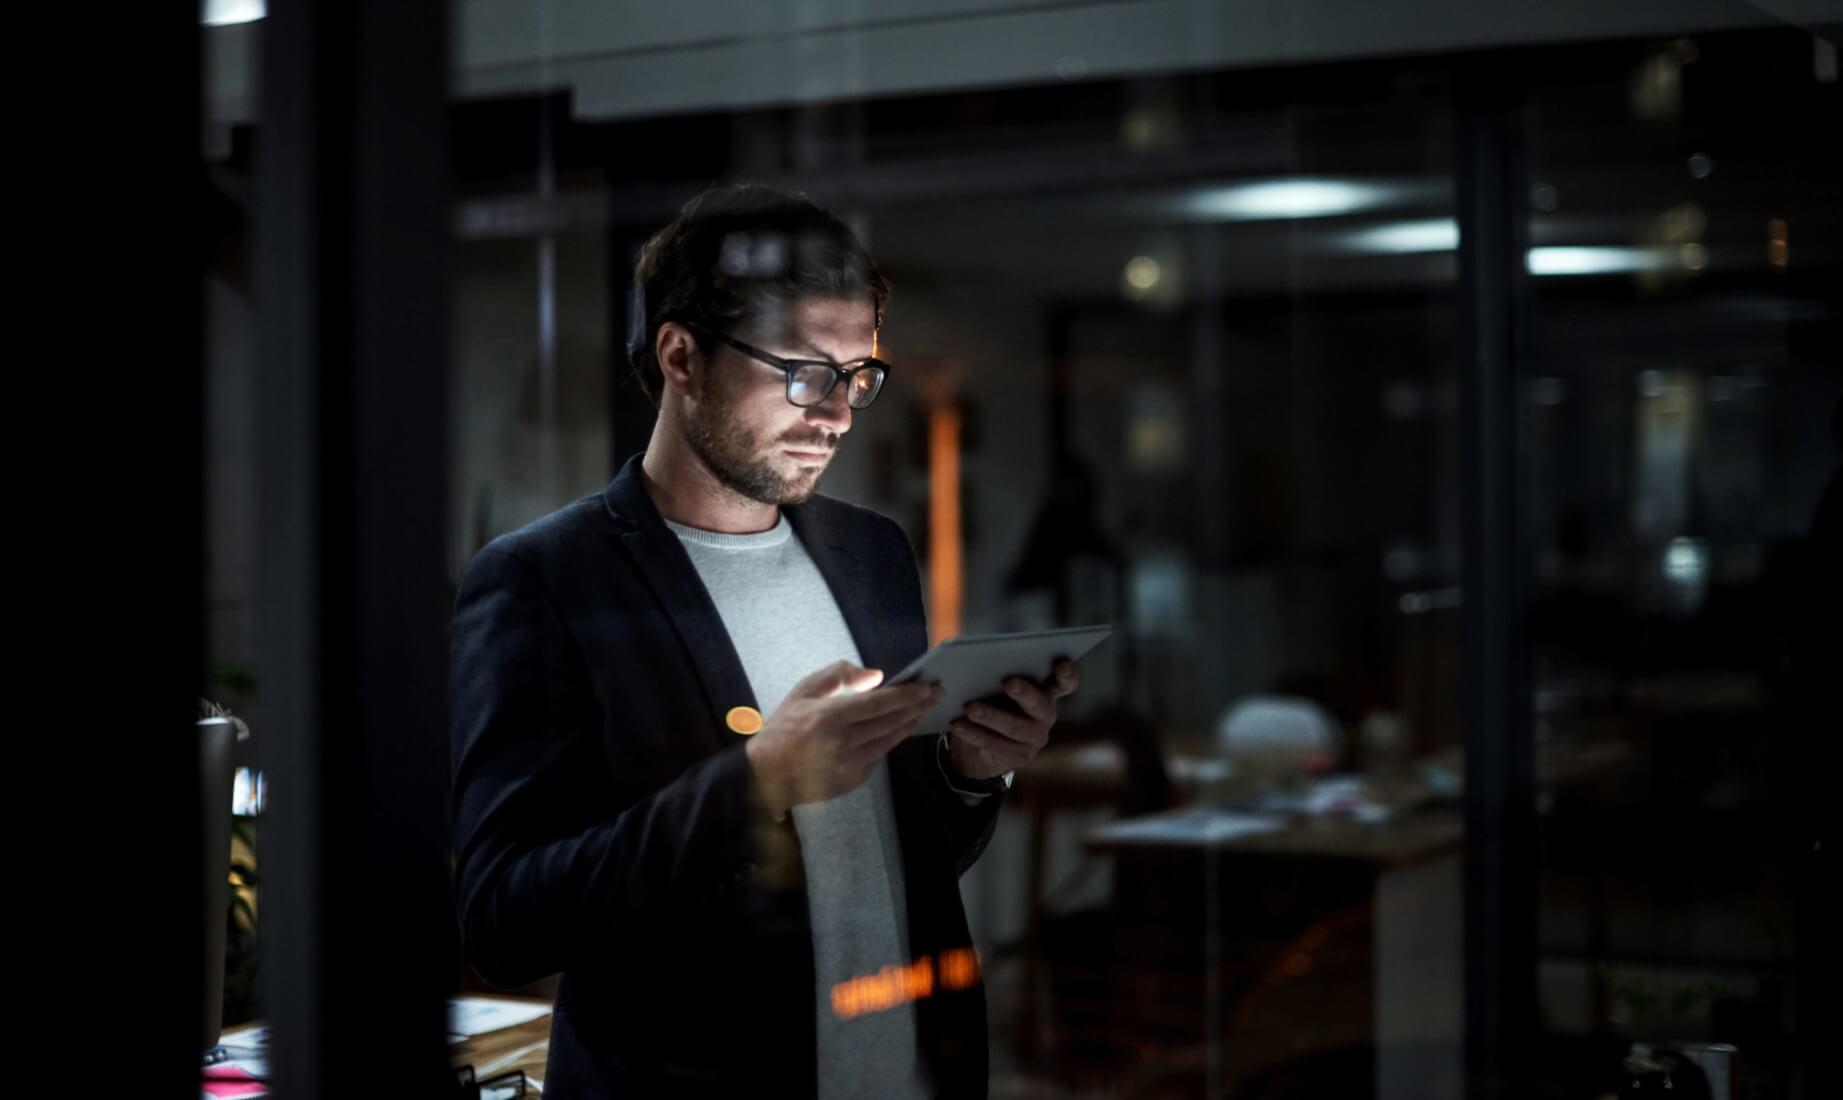 Marketing Mitarbeiter schaut auf sein Smart Phone